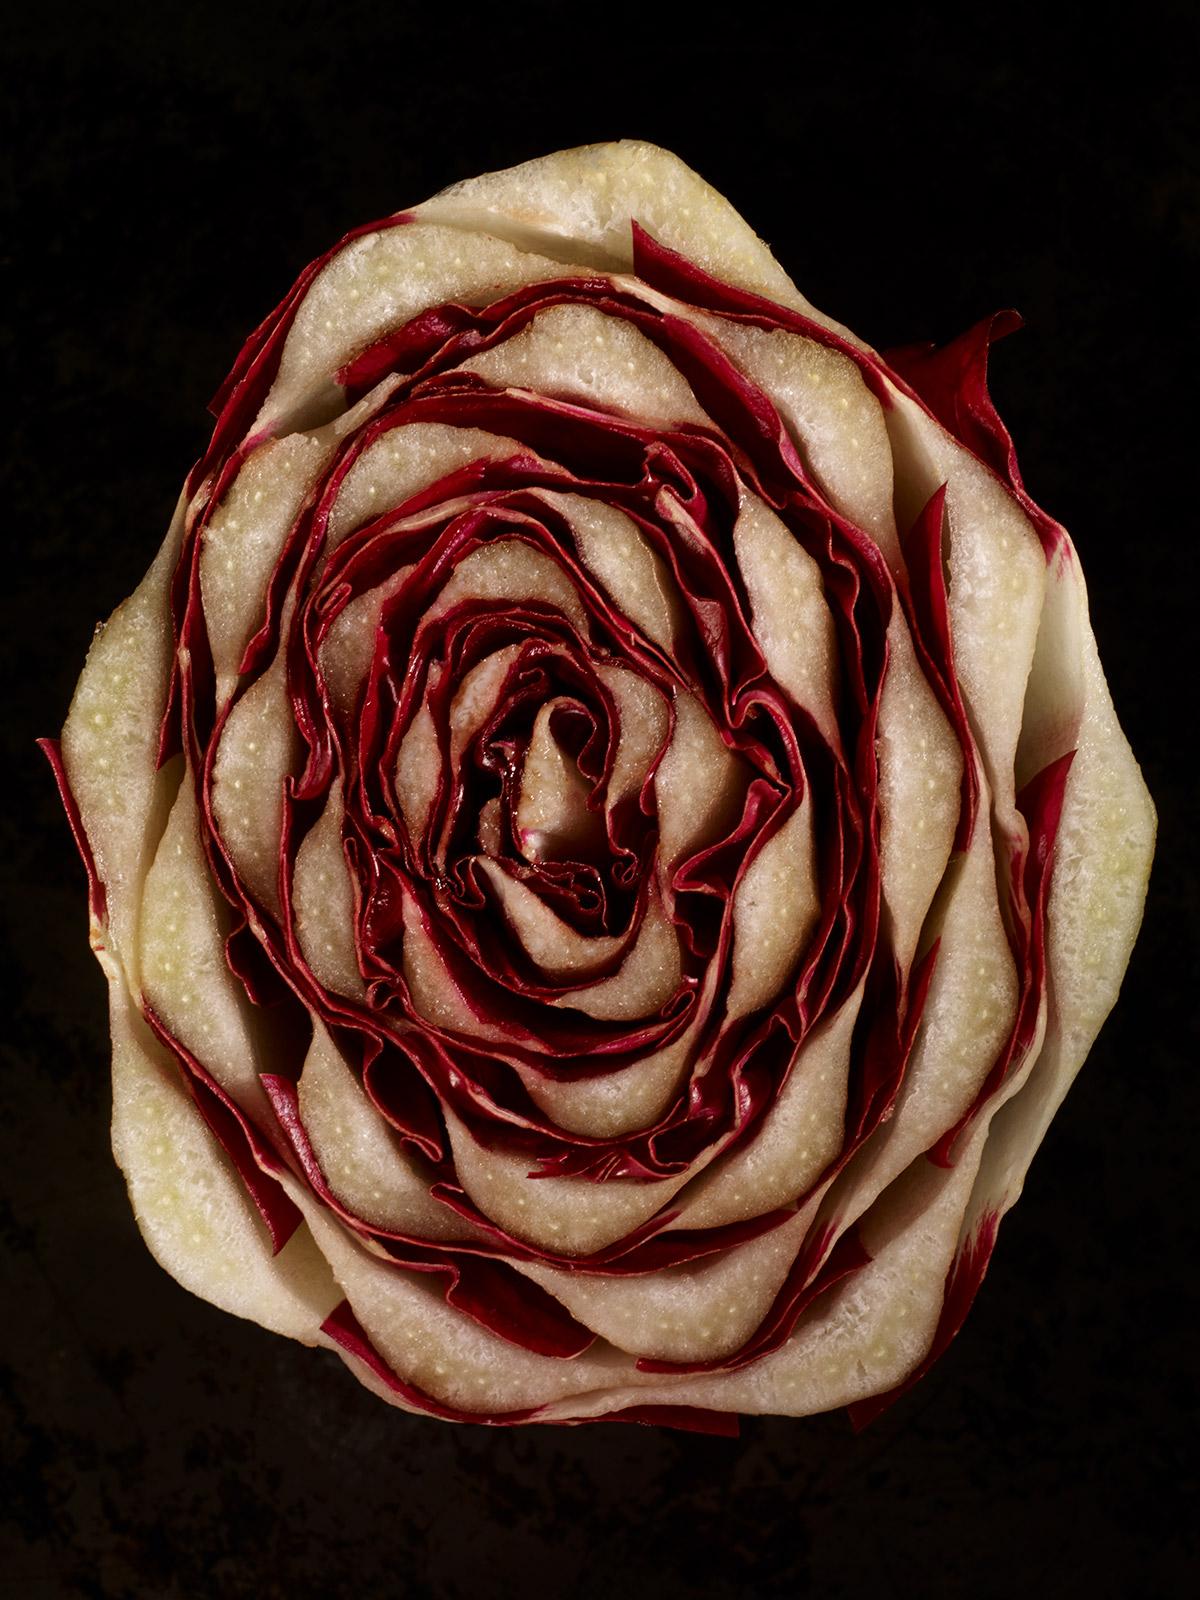 Radicchio rose